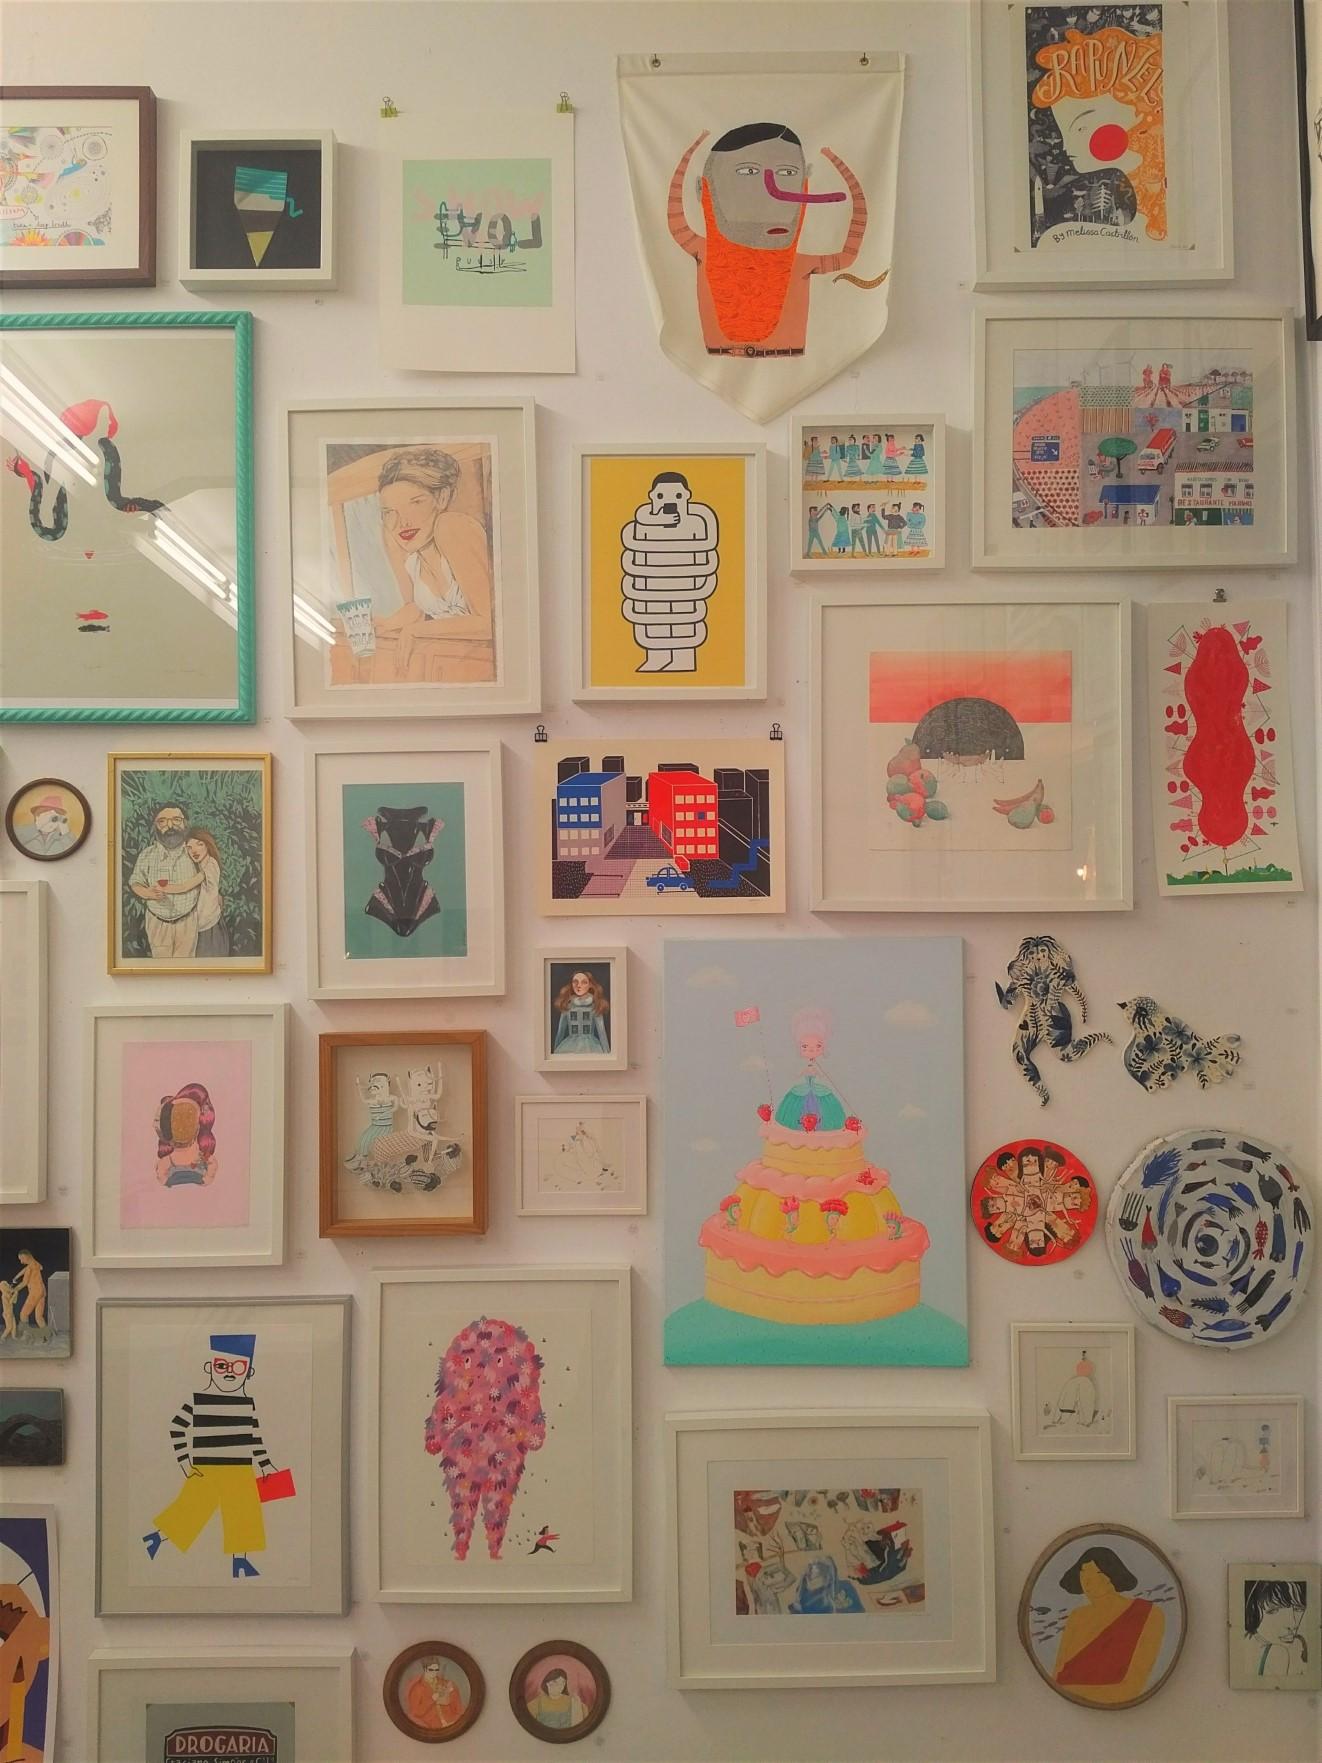 O! Galeria - Illustration Gallery in Porto